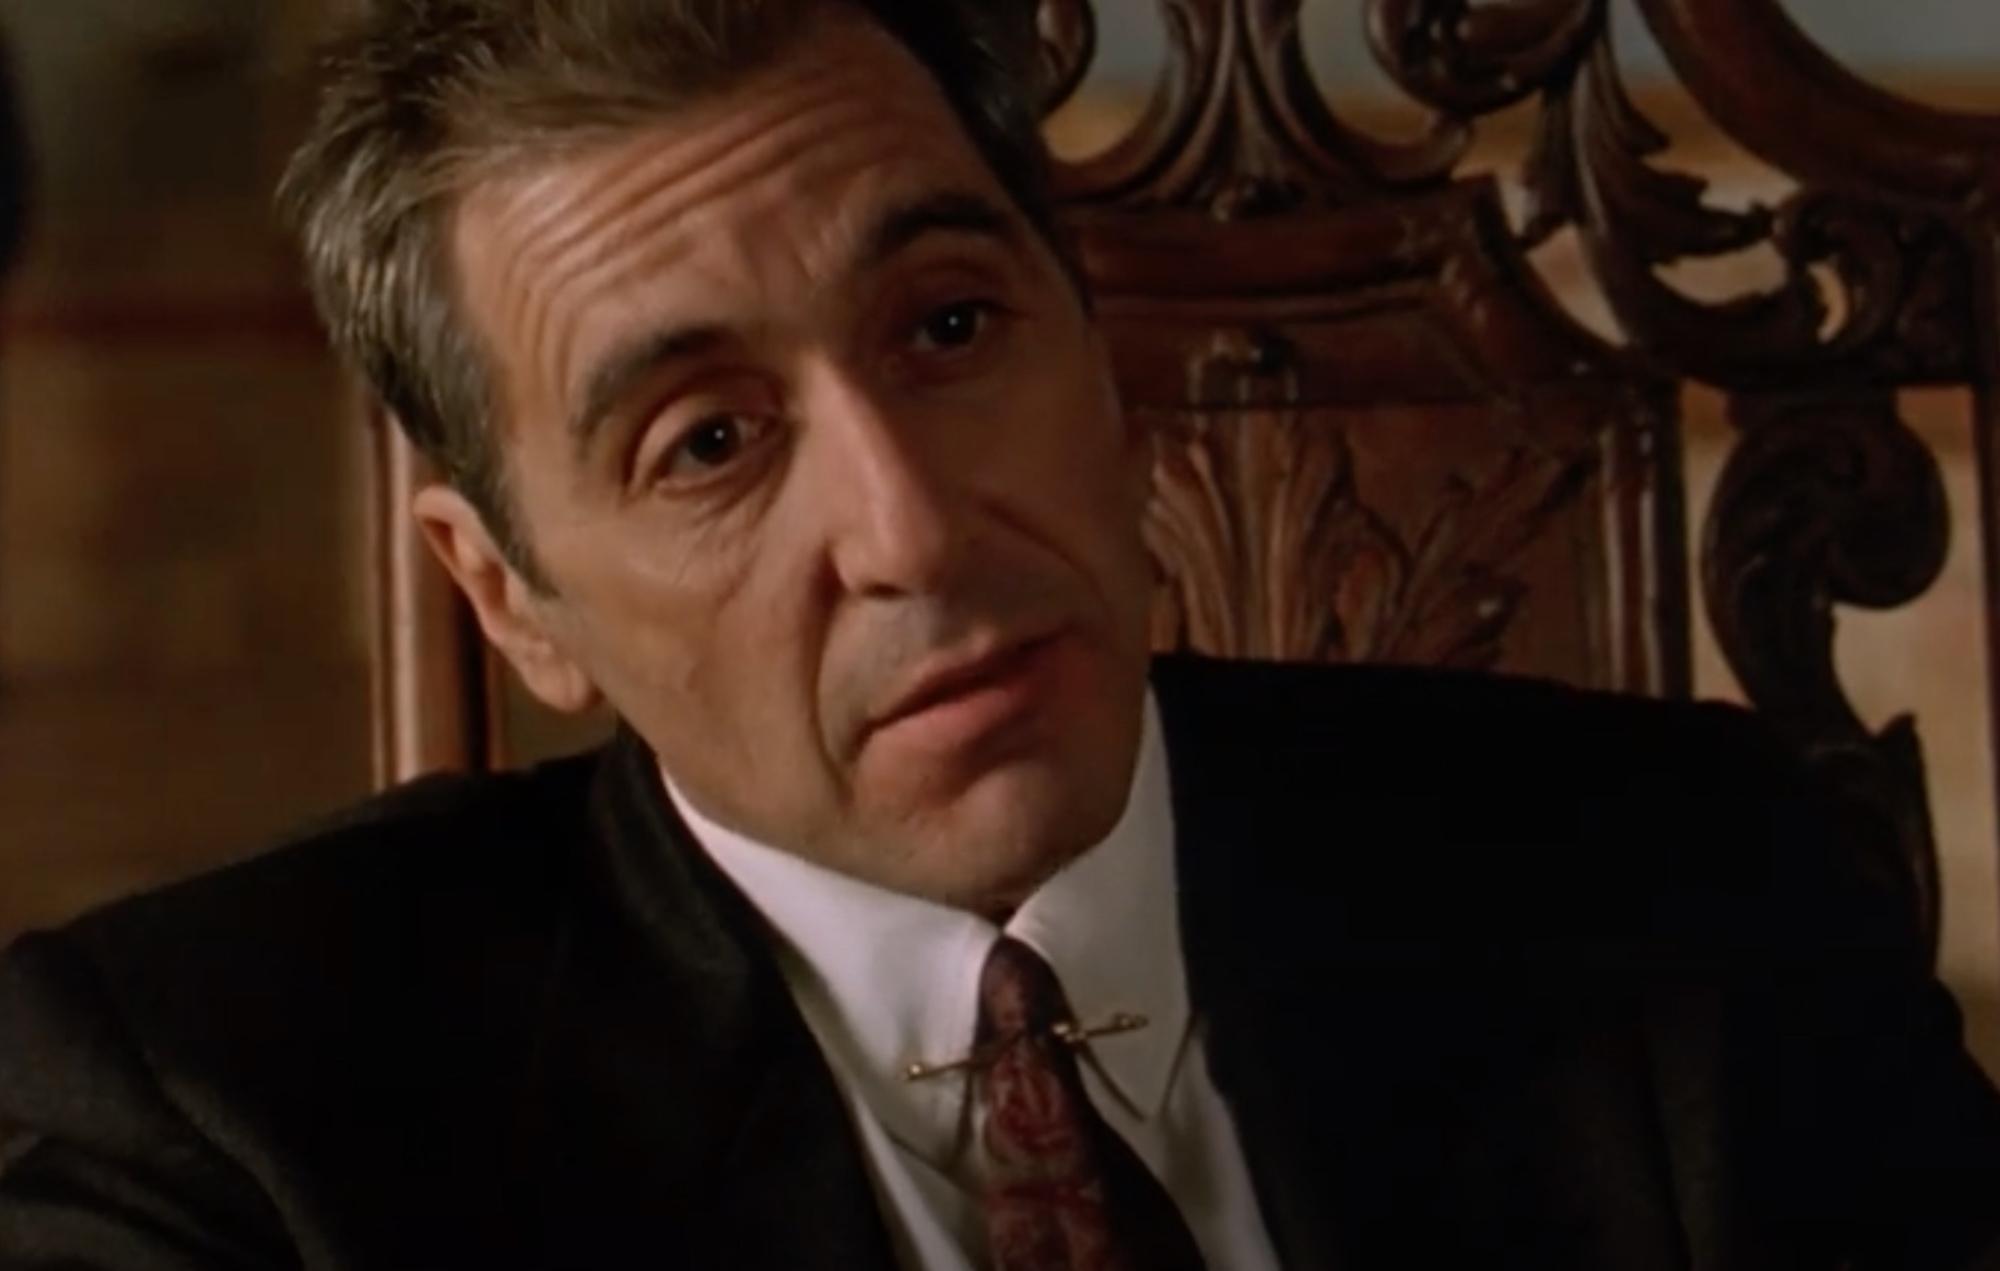 'Godfather III'